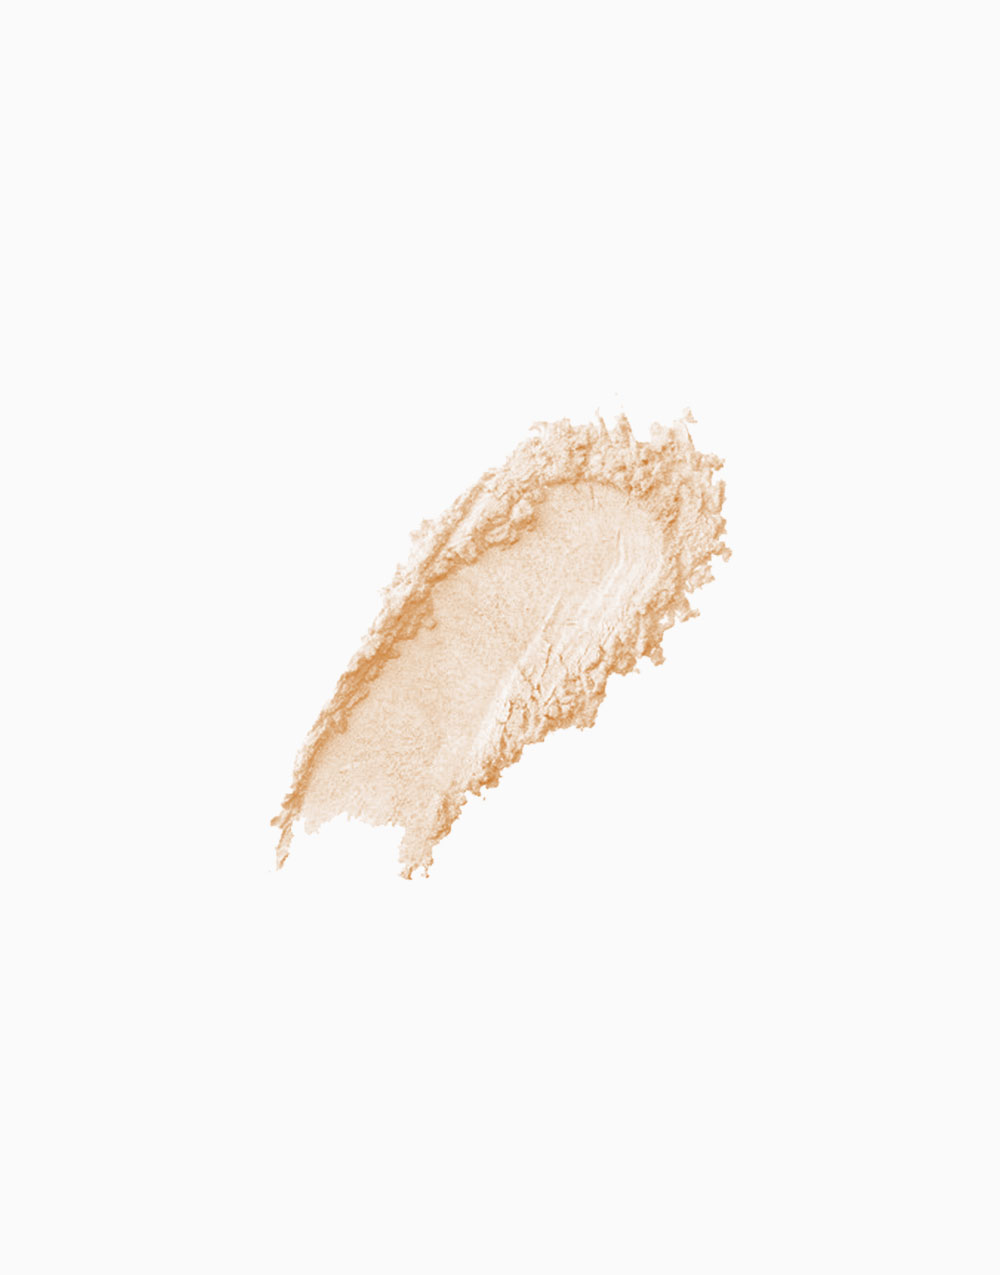 Natural Make-Up Powder by 3W Clinic | No. 21